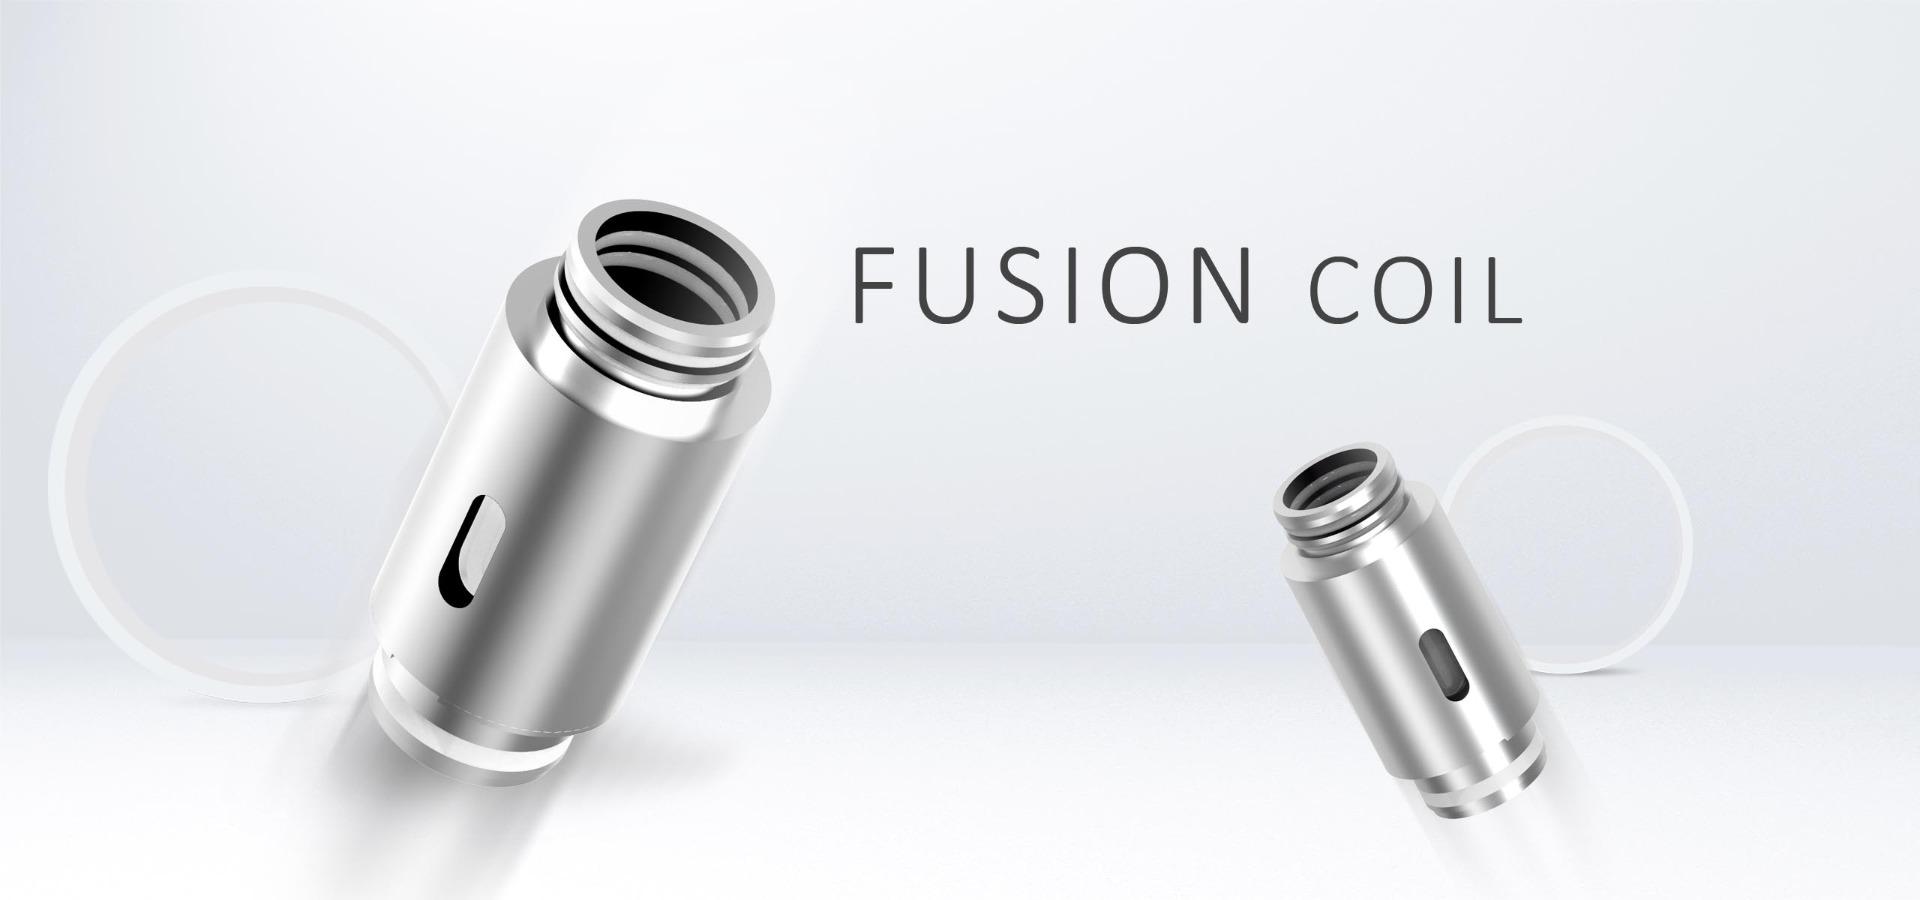 fusion coil